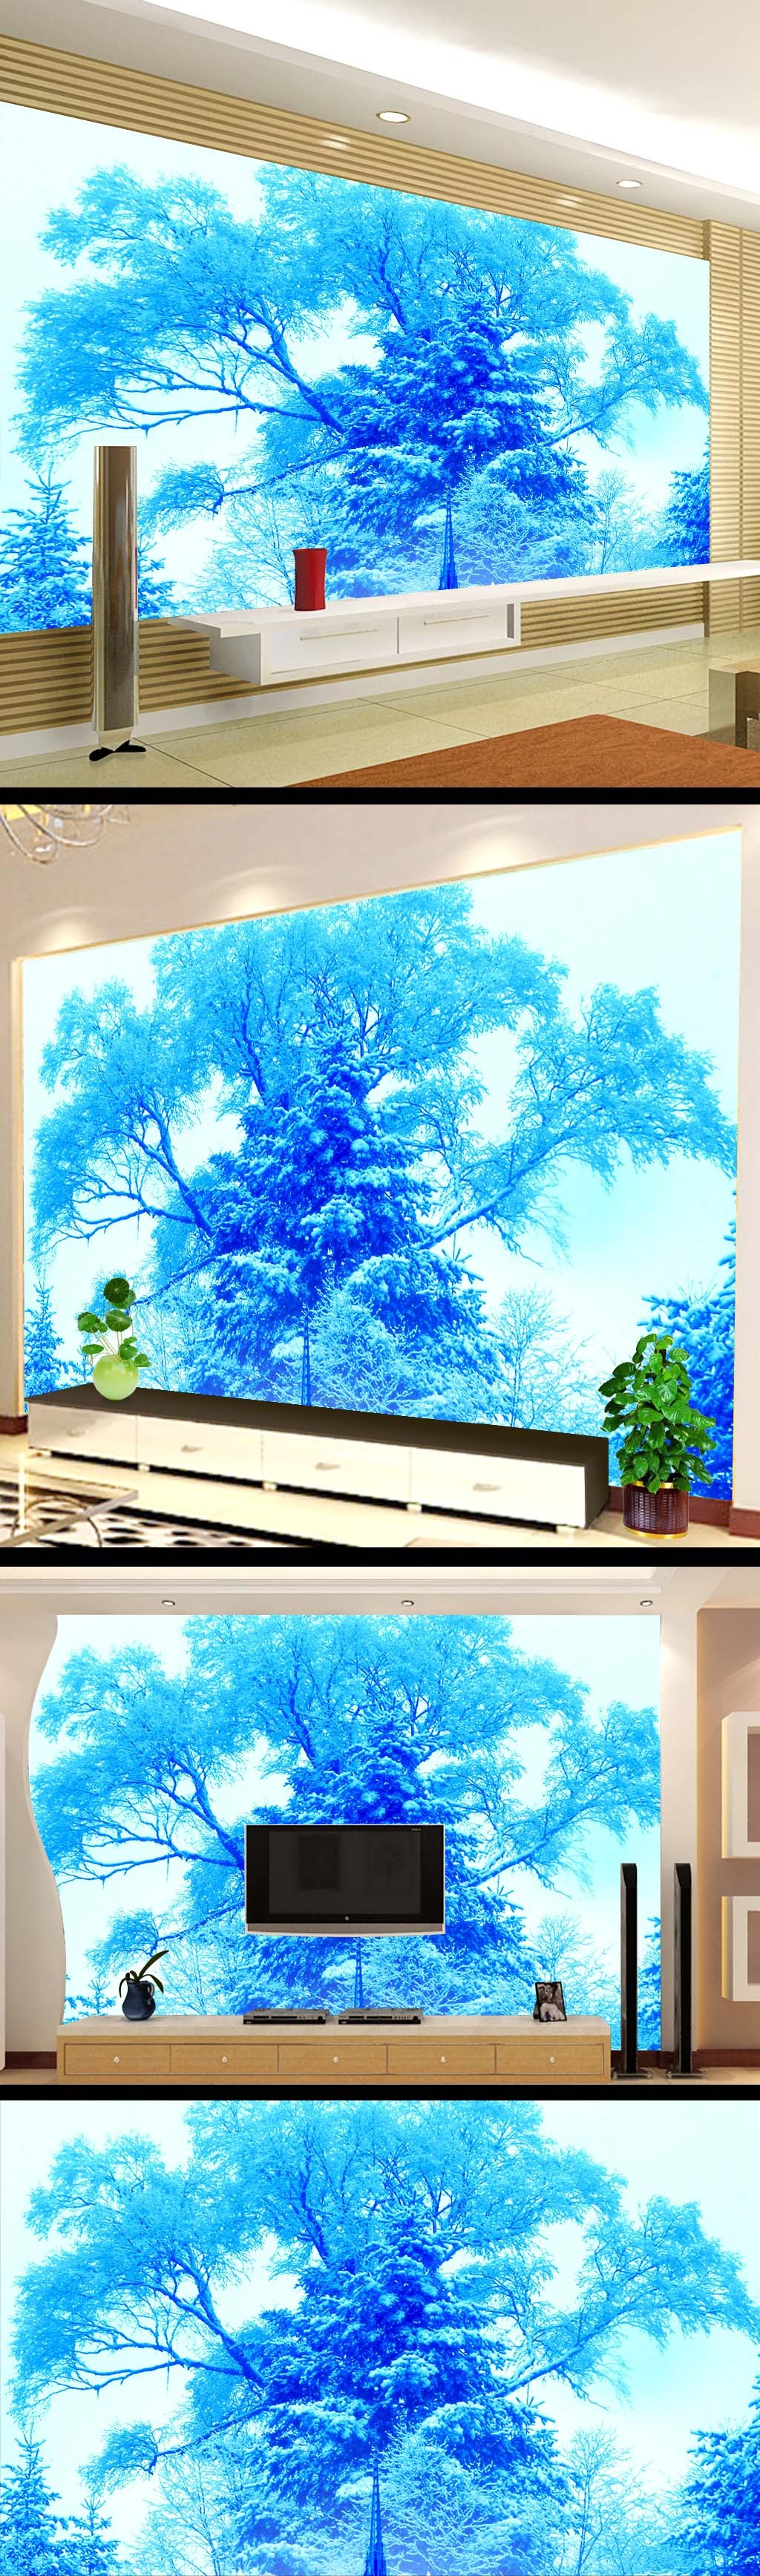 小清新大树风景画电视墙设计图片作品是设计师在2014-06-05 18:29:27上传到我图网,图片编号为12104792,图片素材大小为22.03M,软件为,图片尺寸/像素为 宽320 X 高200 厘米,颜色模式为 RGB。被素材作品已经下架,敬请期待重新上架。 您也可以查看和小清新大树风景画电视墙设计图片相似的作品。